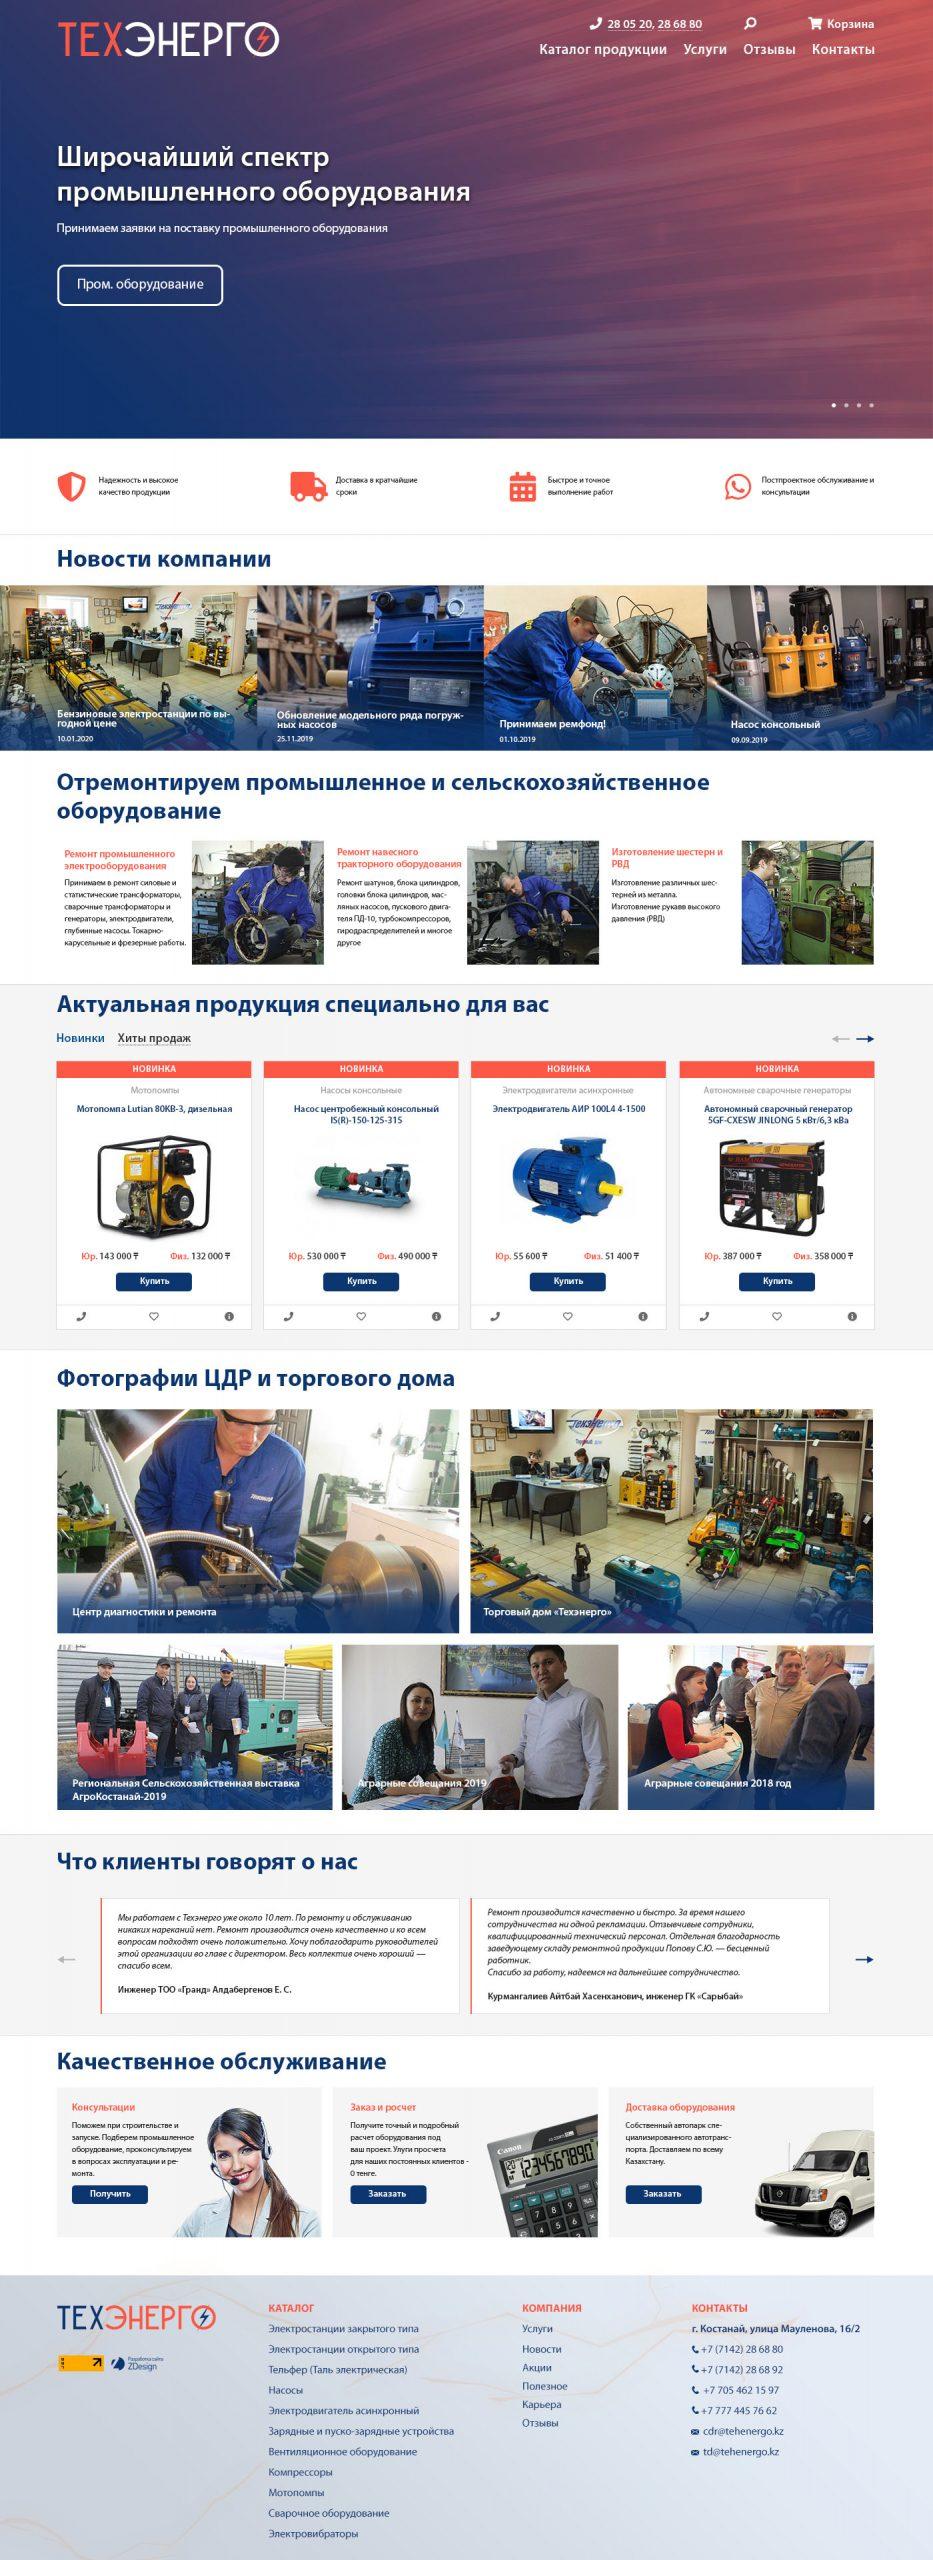 Разработка интернет-магазина промышленного оборудования в Костанае